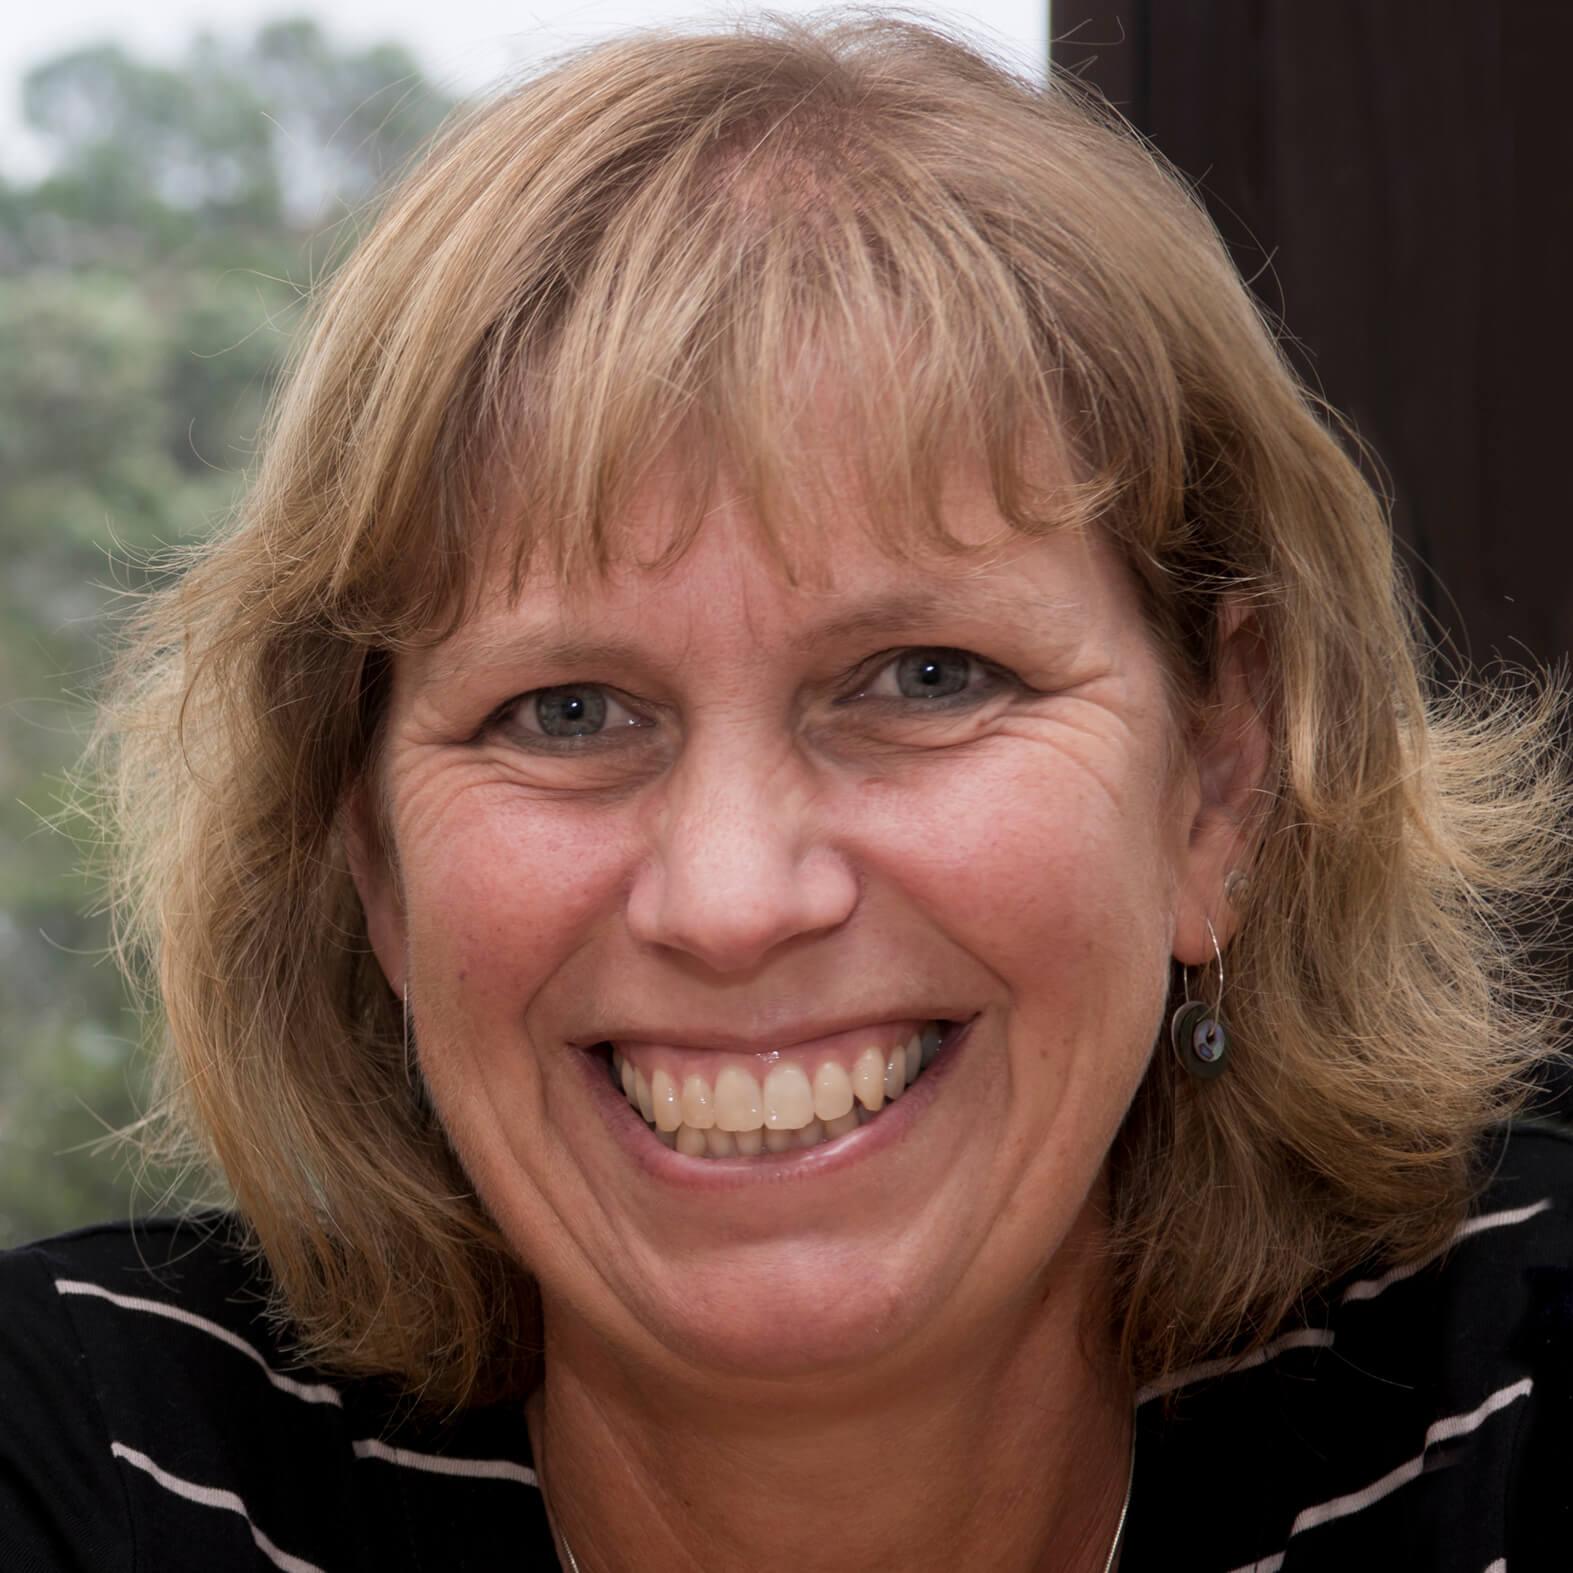 Elaine Mossman profile picture photograph